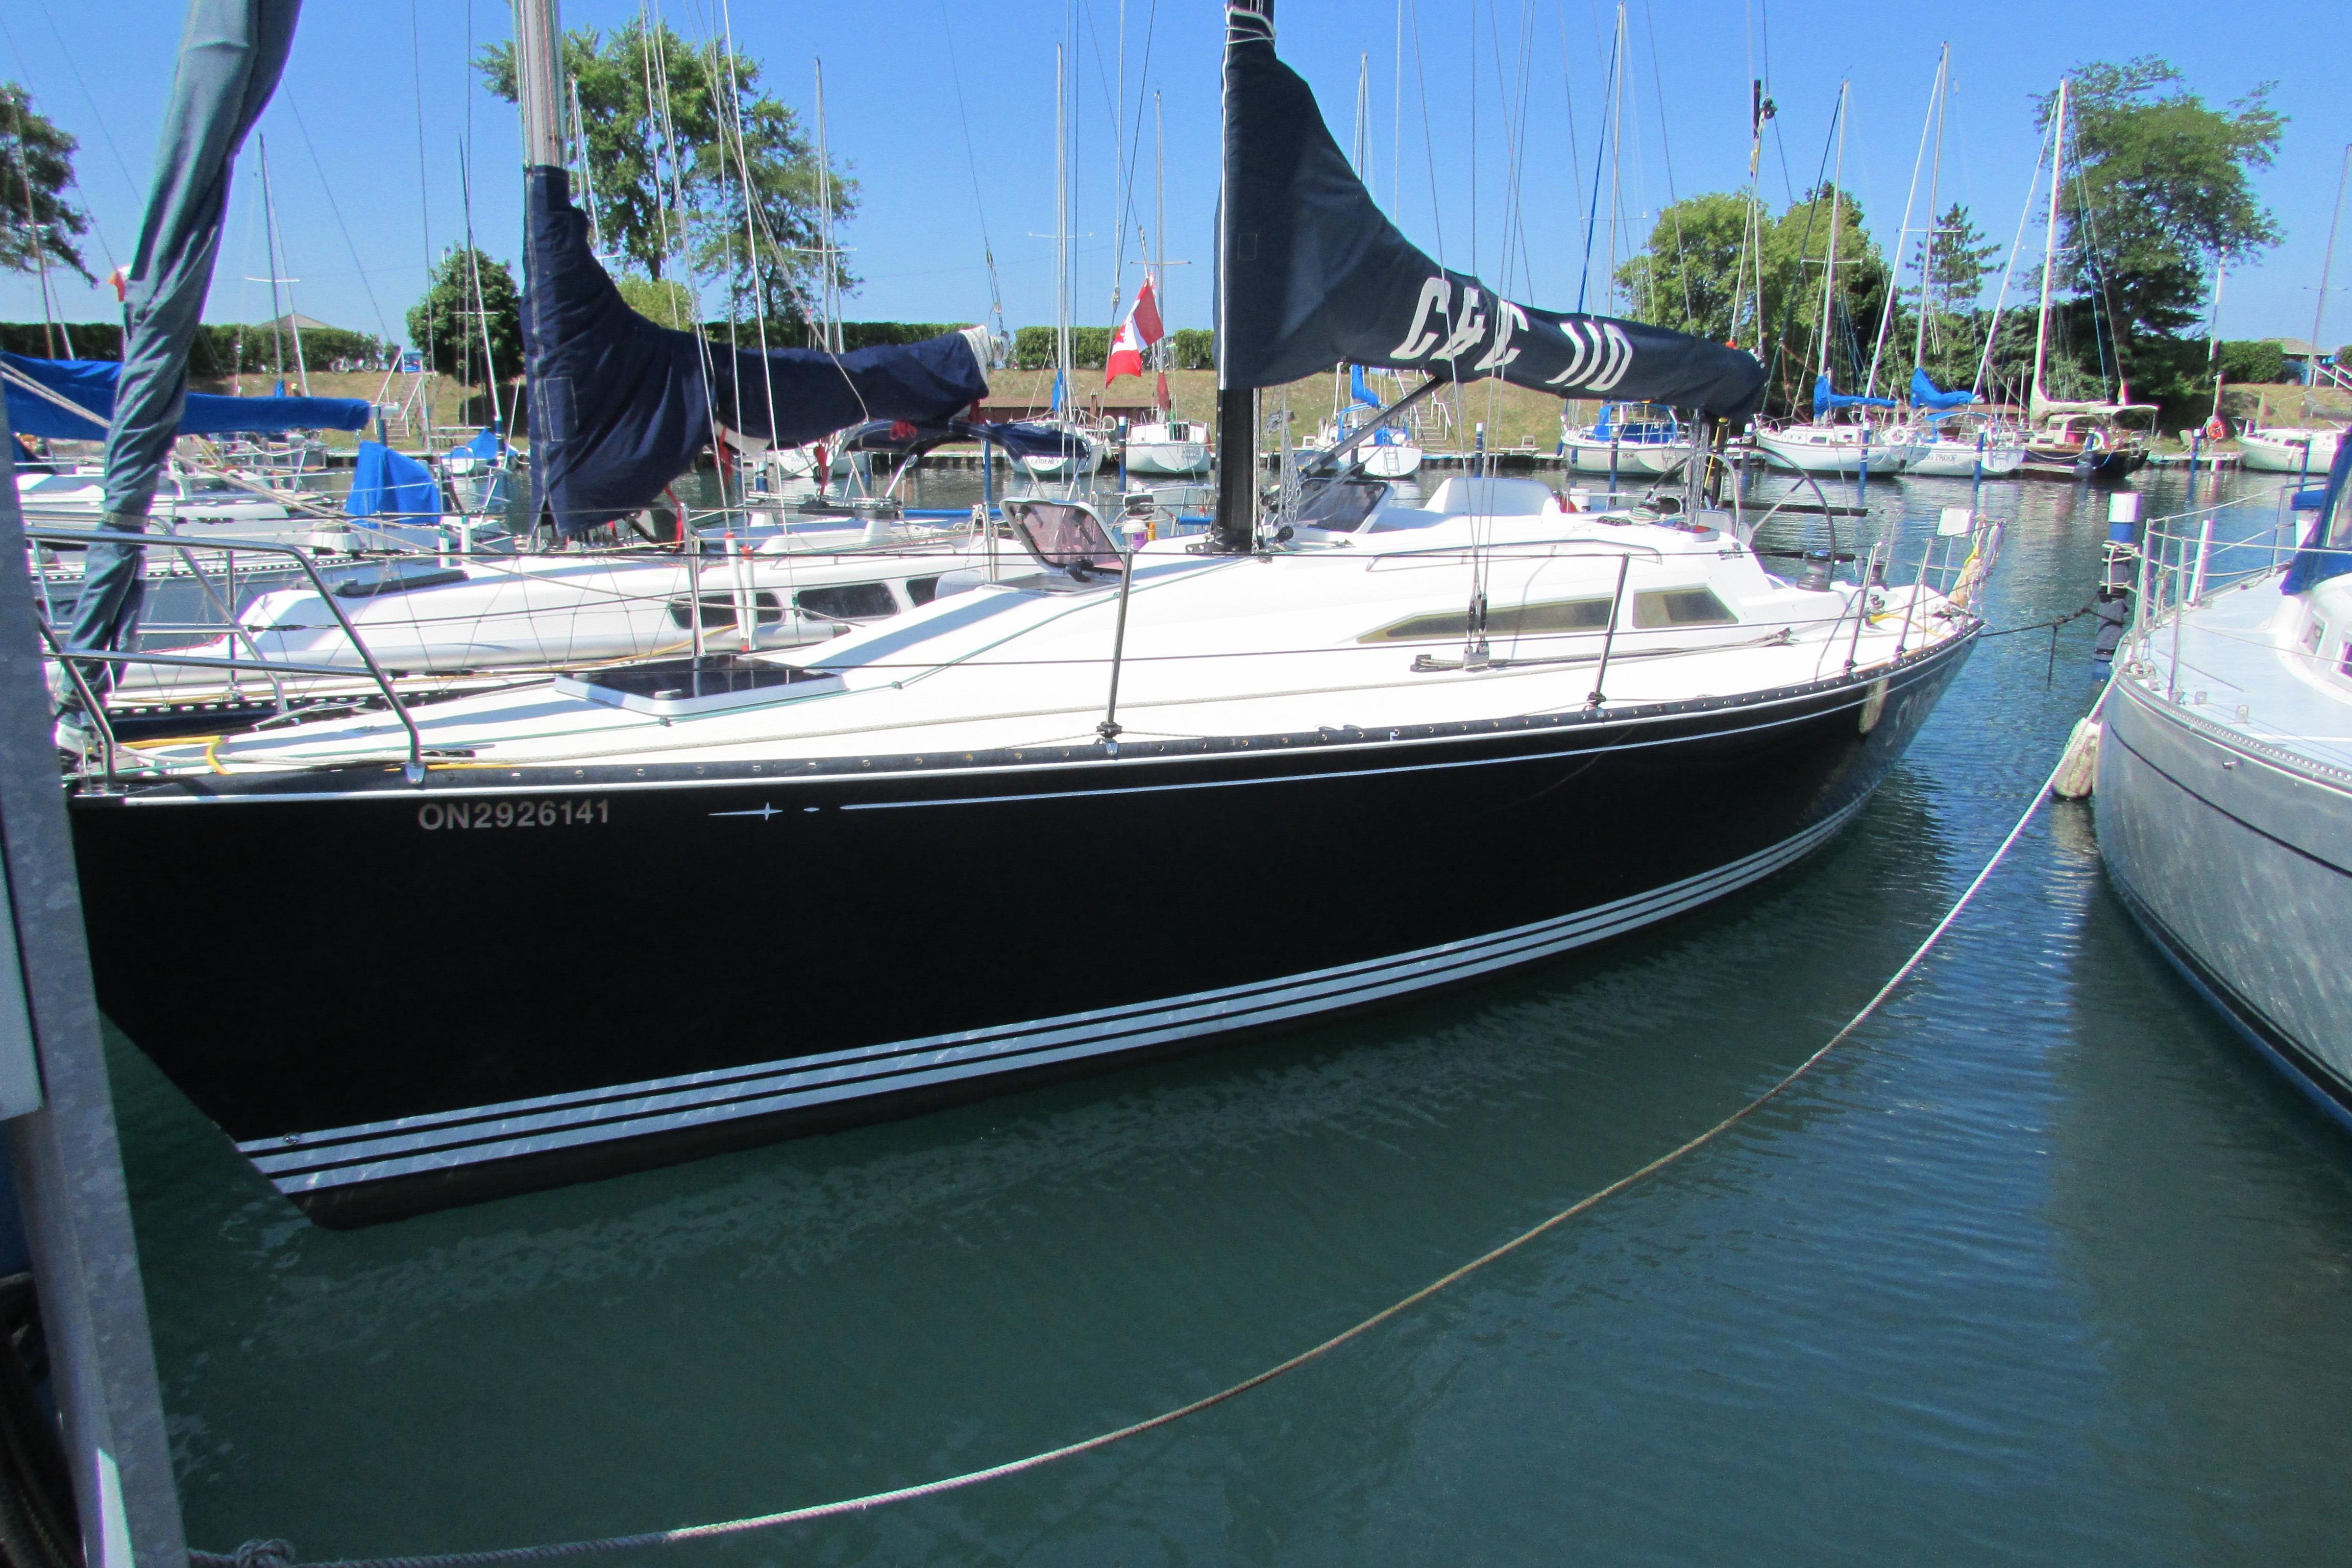 Bahamas Luxury Crewed Yacht Charter 110 ft, Island Time, $36,000 ...